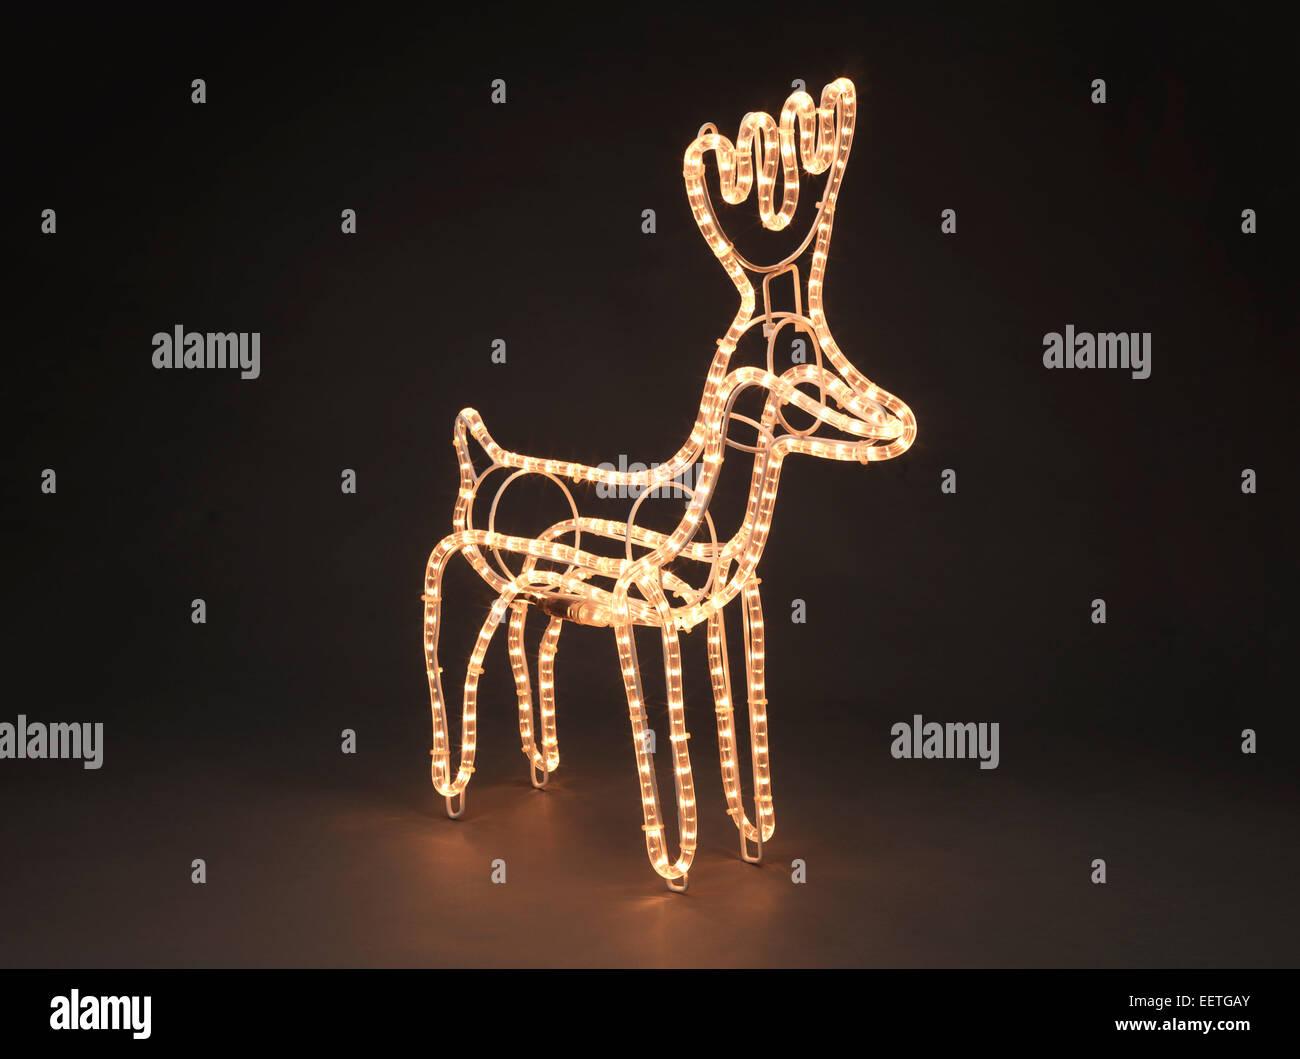 an illuminated reindeer stock image